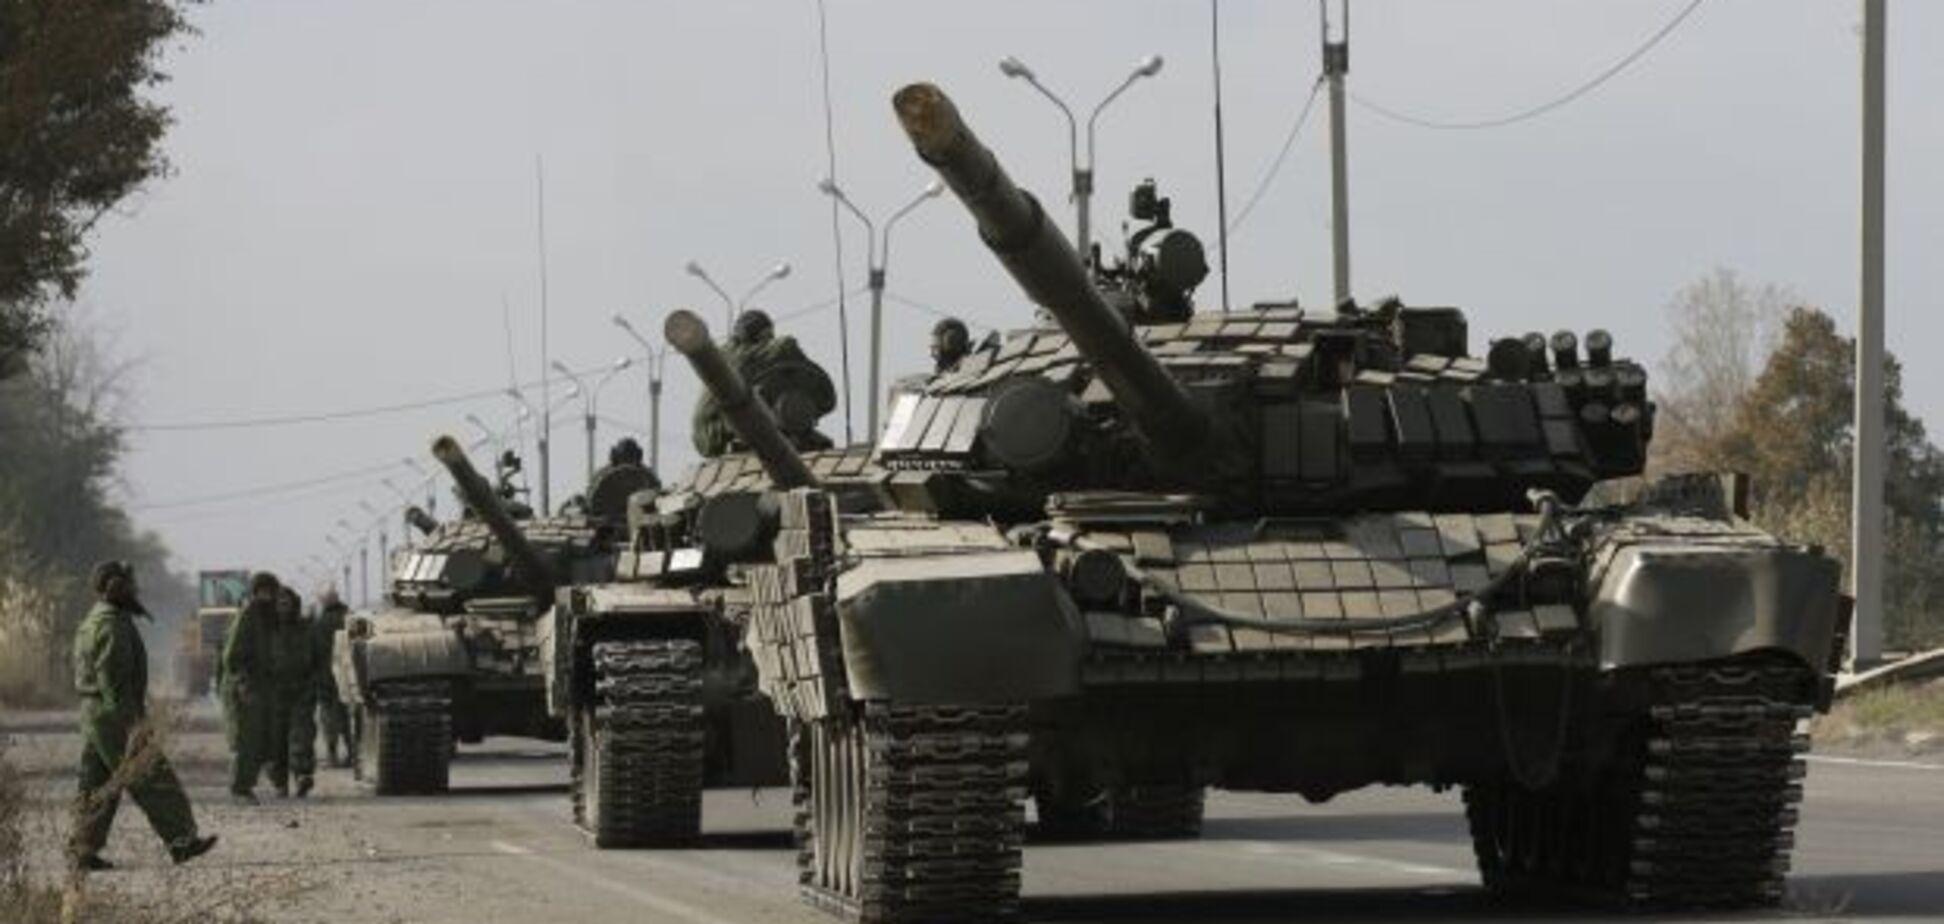 Армія Путіна на кордоні з Україною: Ейдман пояснив загрозу